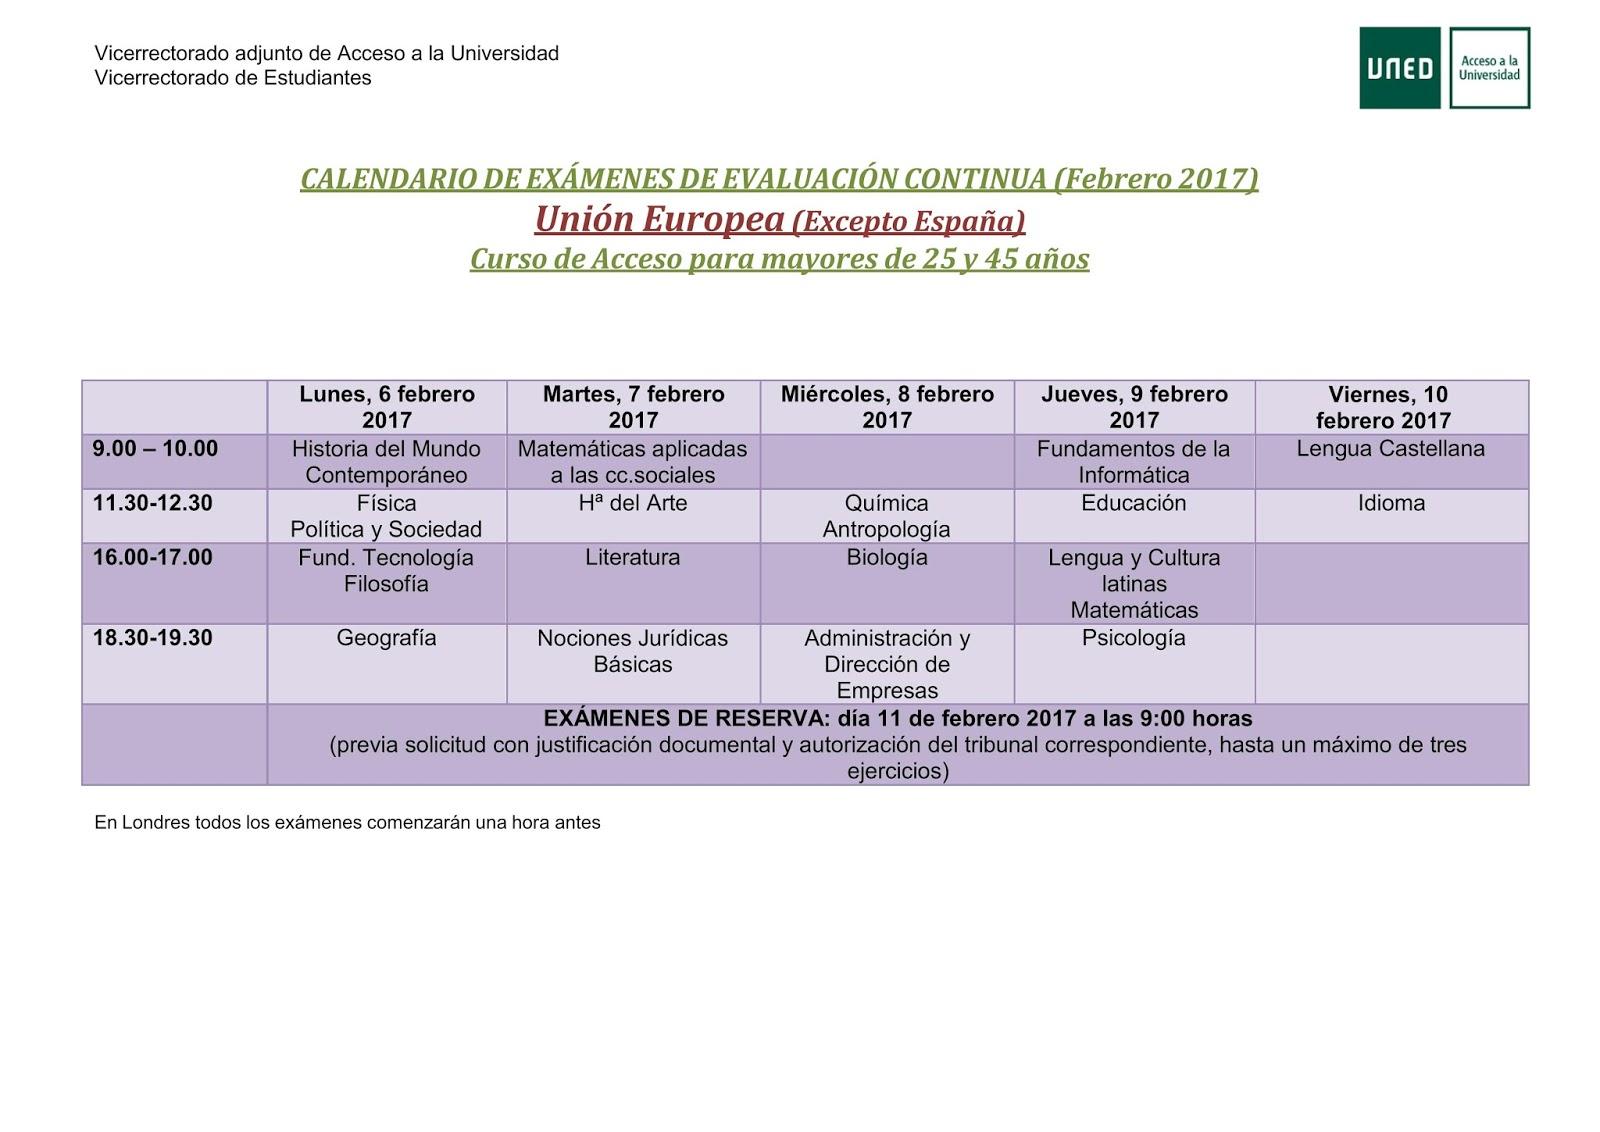 Calendario De Examenes Uned.Uned Aula De Coria Caceres Cursos De Acceso Calendario De